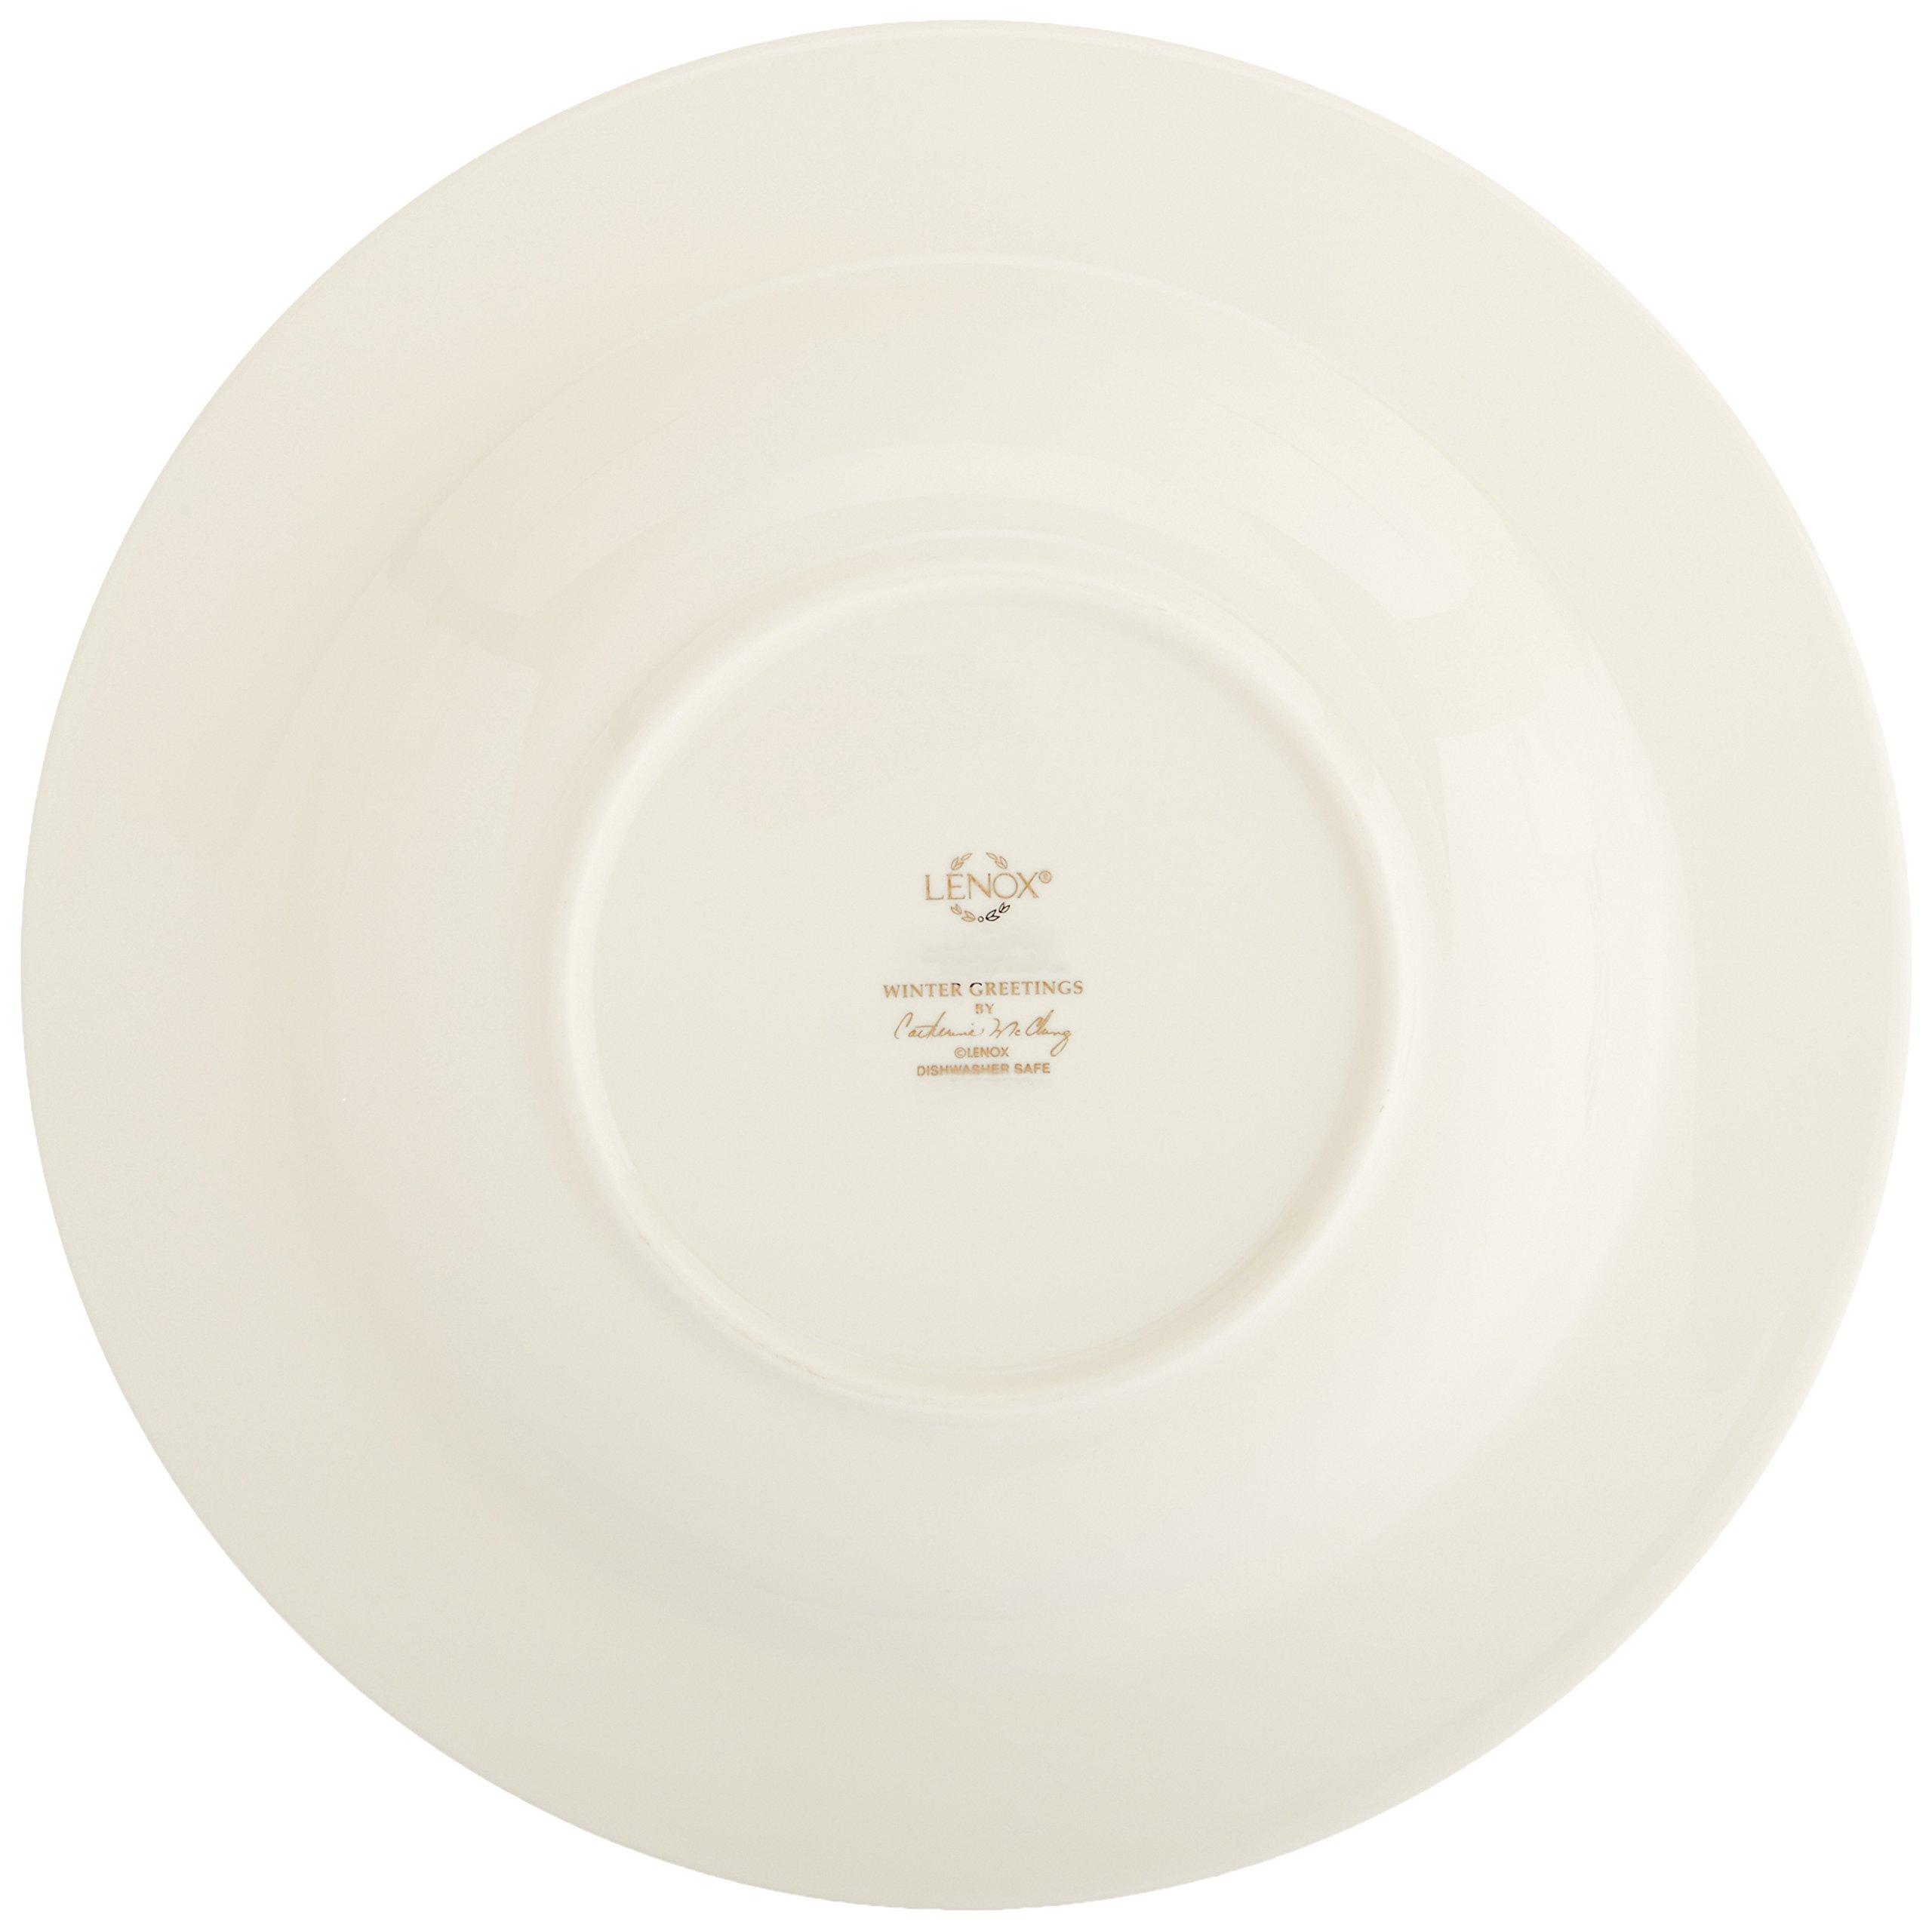 Lenox Winter Greetings Pasta Bowl/ Rim Soup